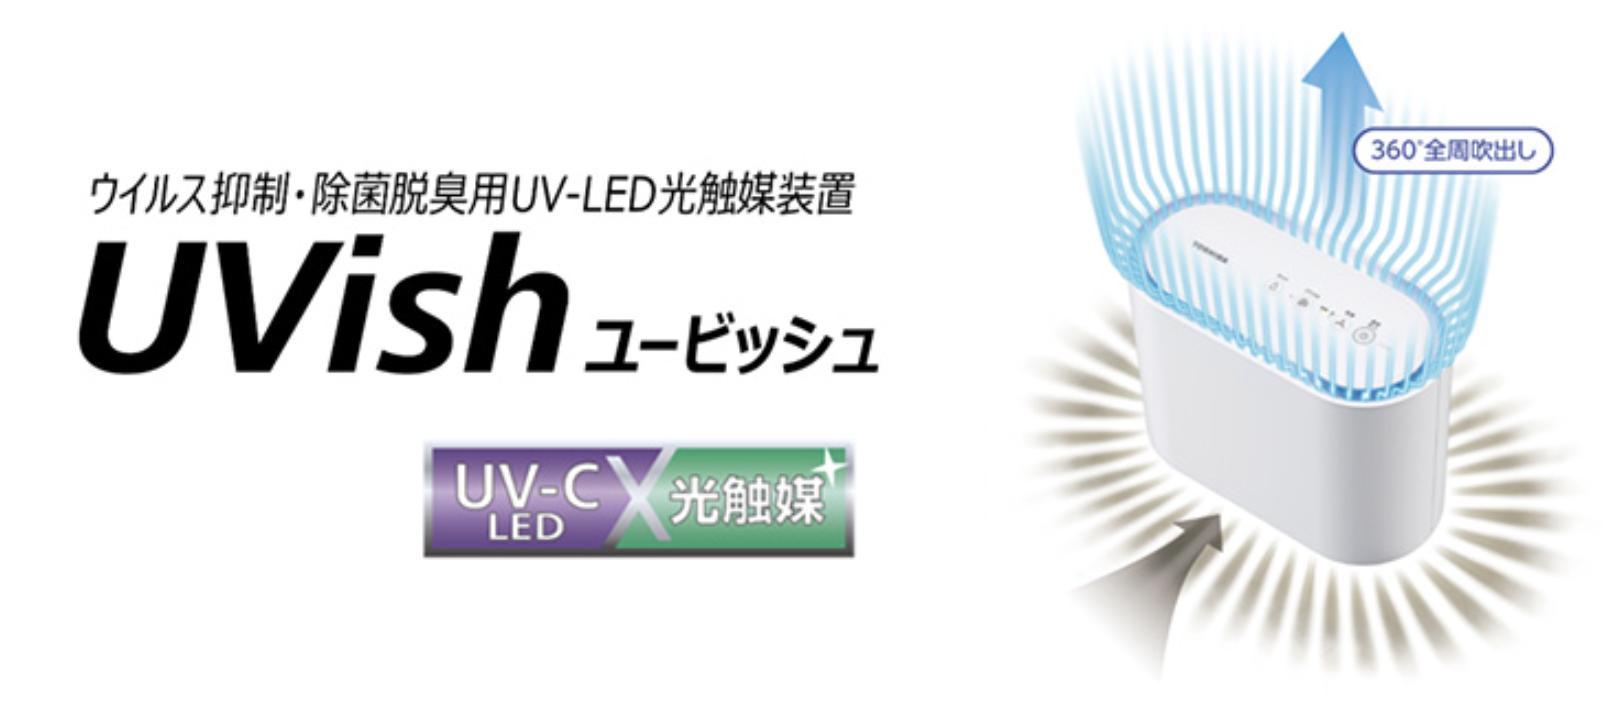 【東芝ライテック】「UV-LED」と「光触媒」のダブル効果による除菌・脱臭装置『UVish(ユービッシュ)』の画像